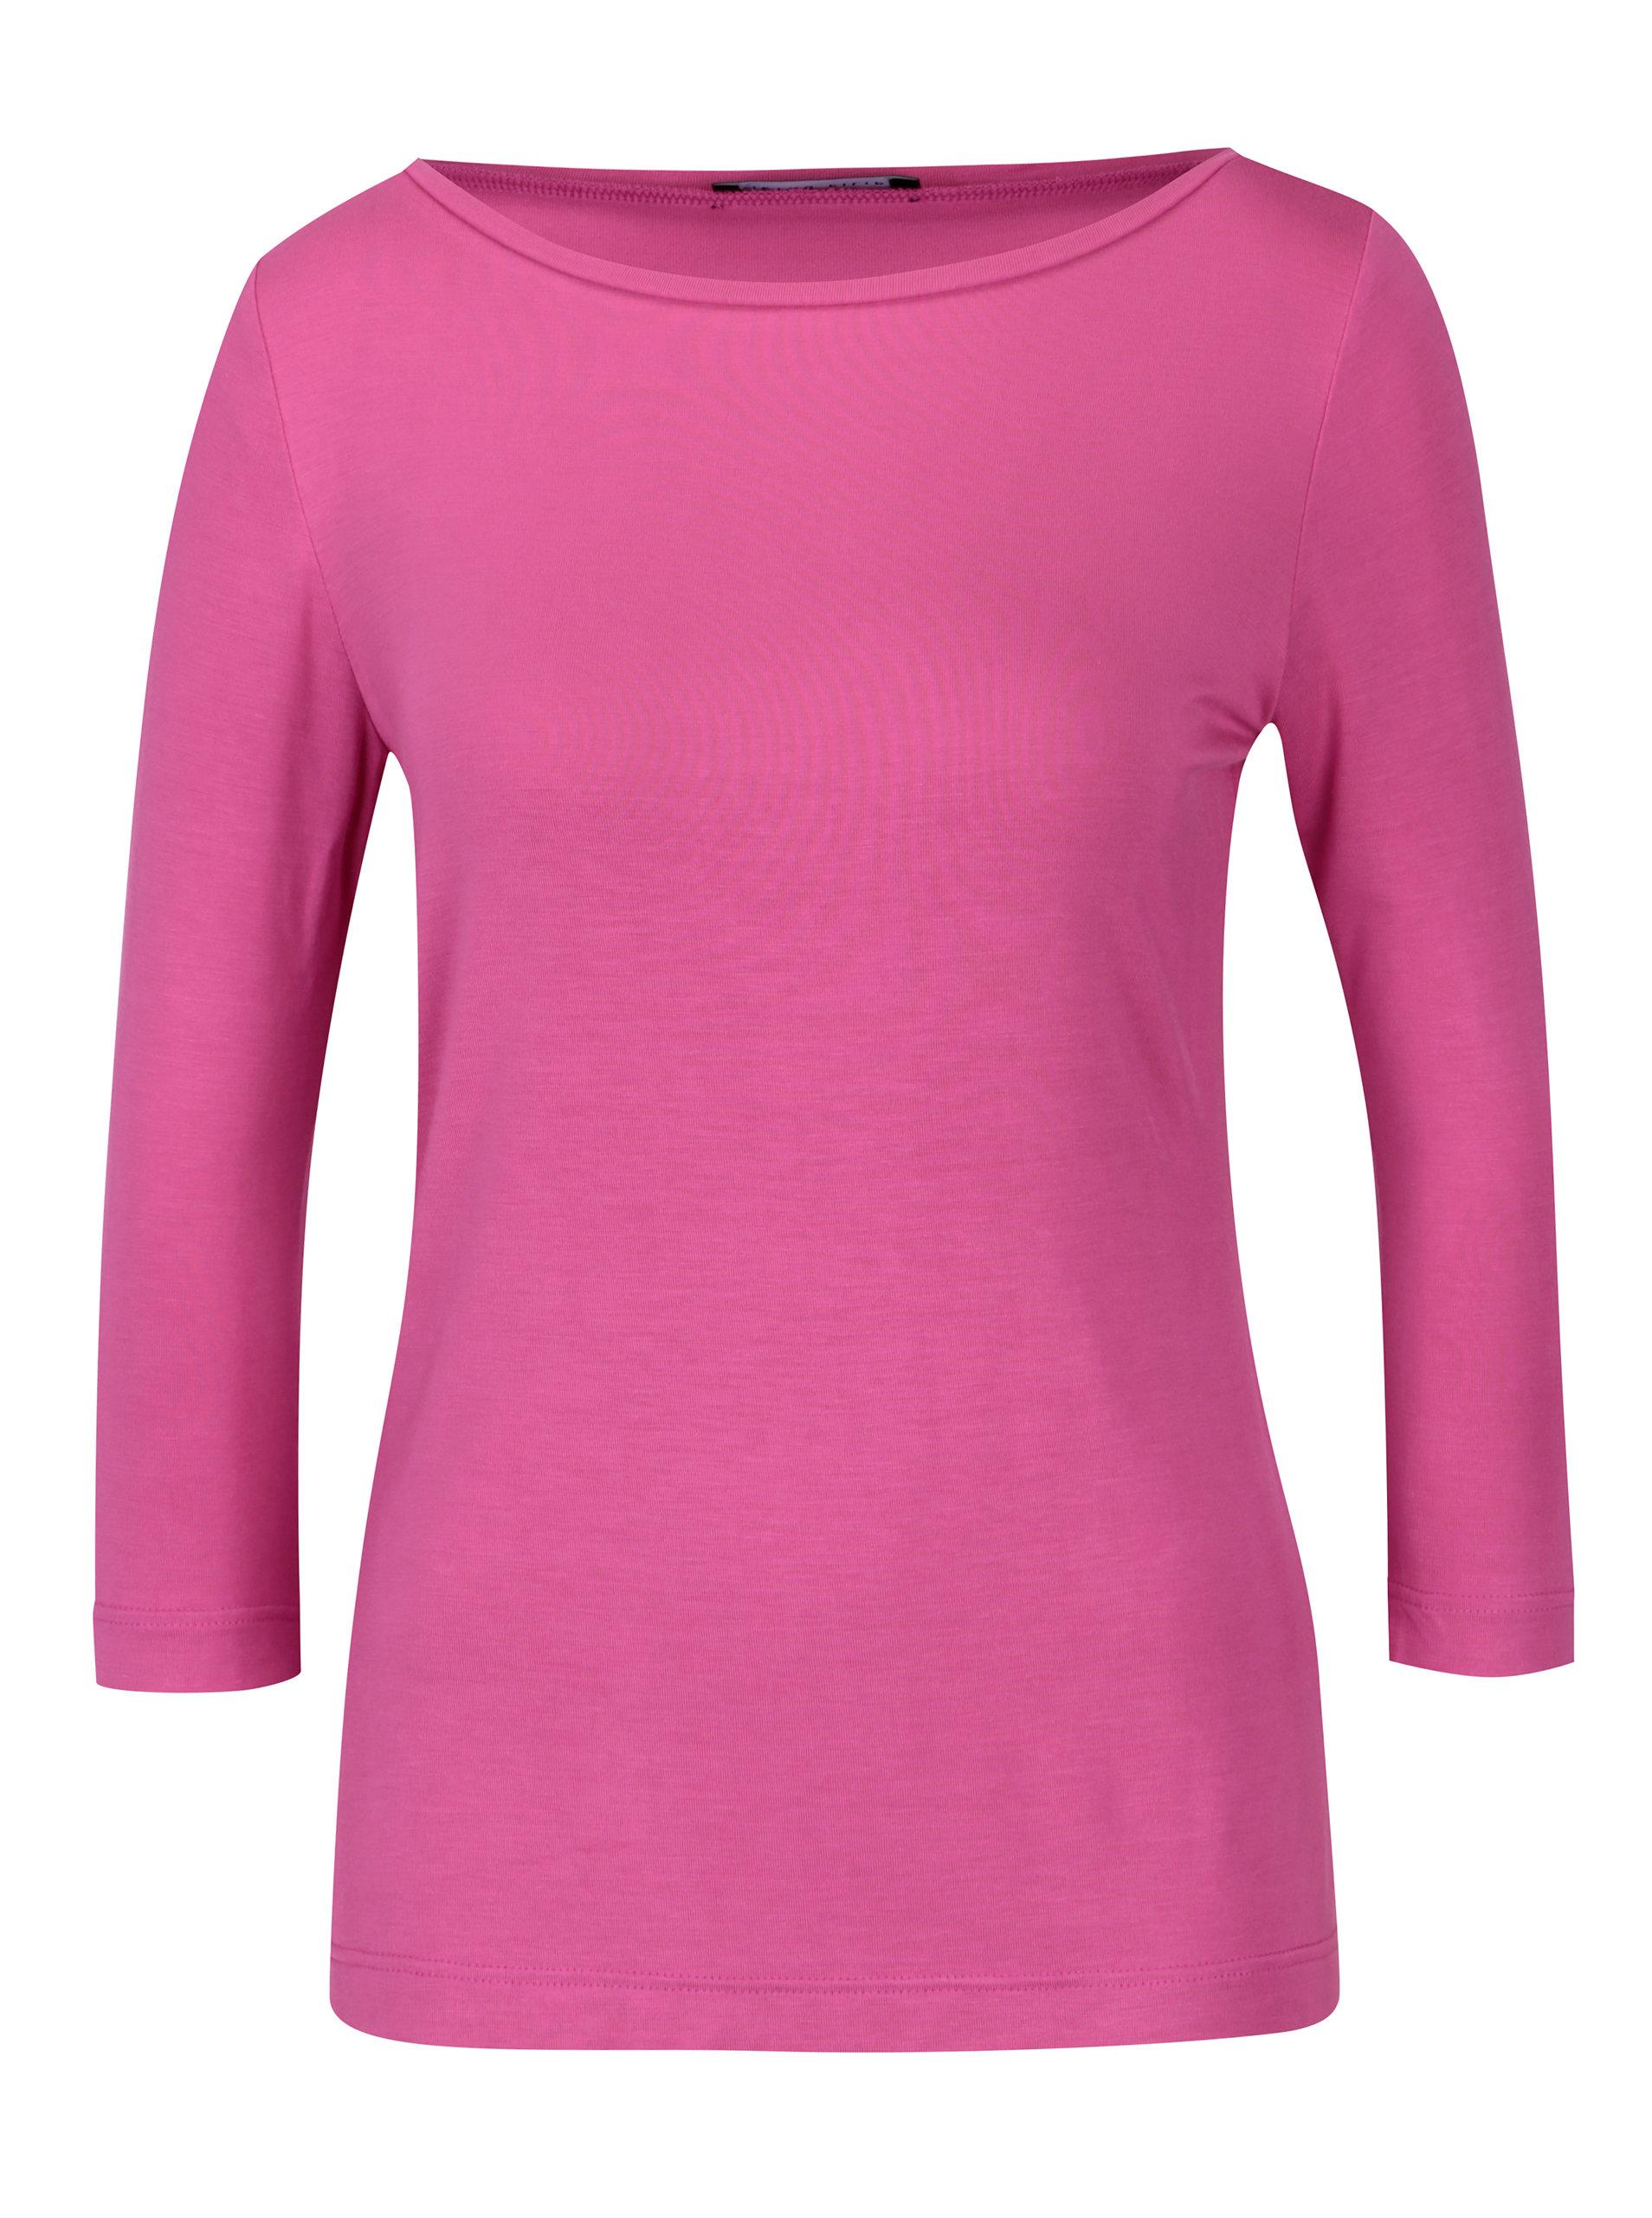 d9669d6123b9 Ružové dámske tričko s 3 4 rukávom Pietro Filipi ...